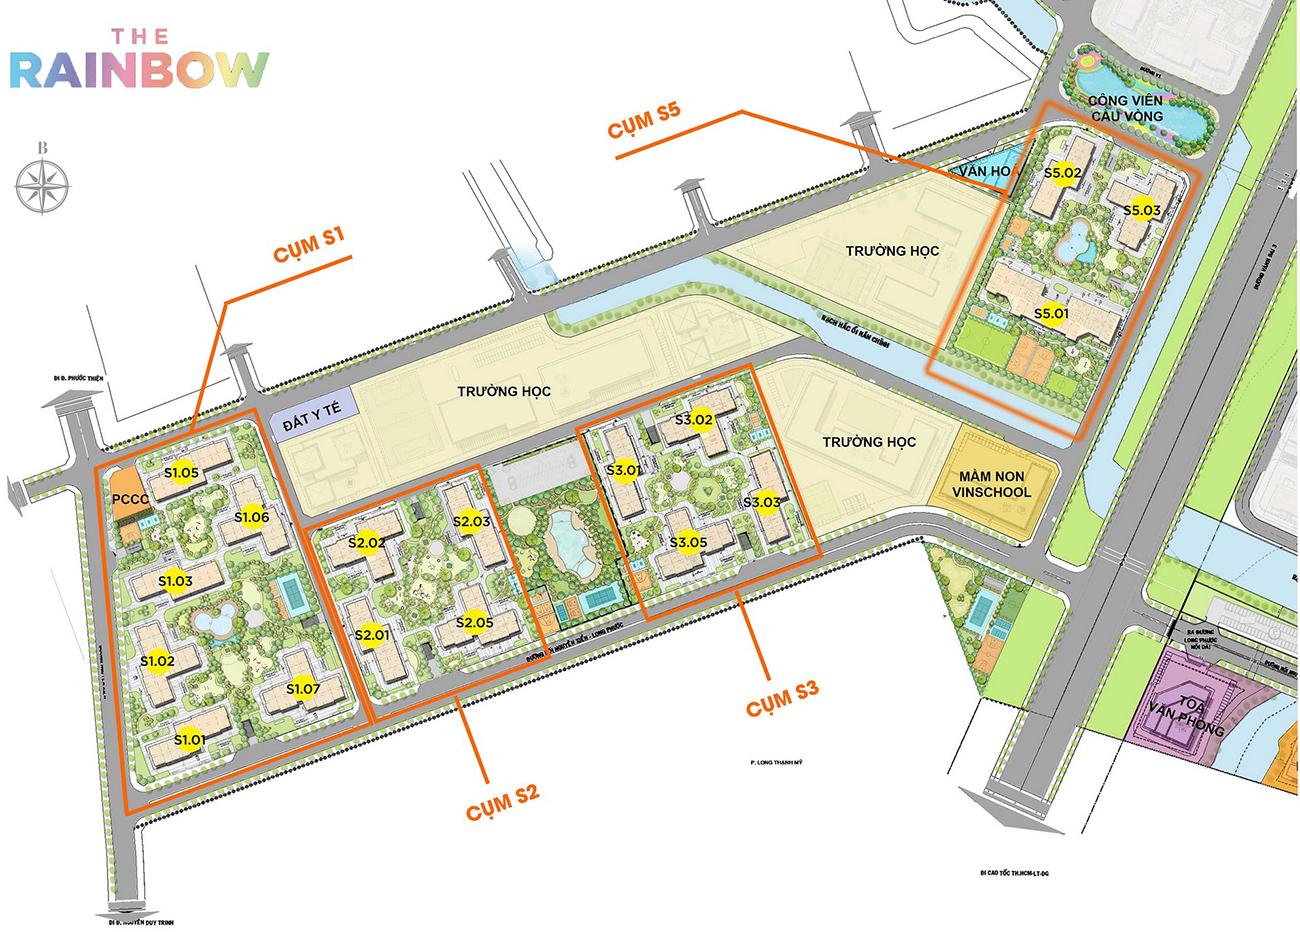 Mặt bằng căn hộ chung cư phân khu The Rainbow dự án Vinhomes Grand Park Quận 9 chủ đầu tư Vingroup